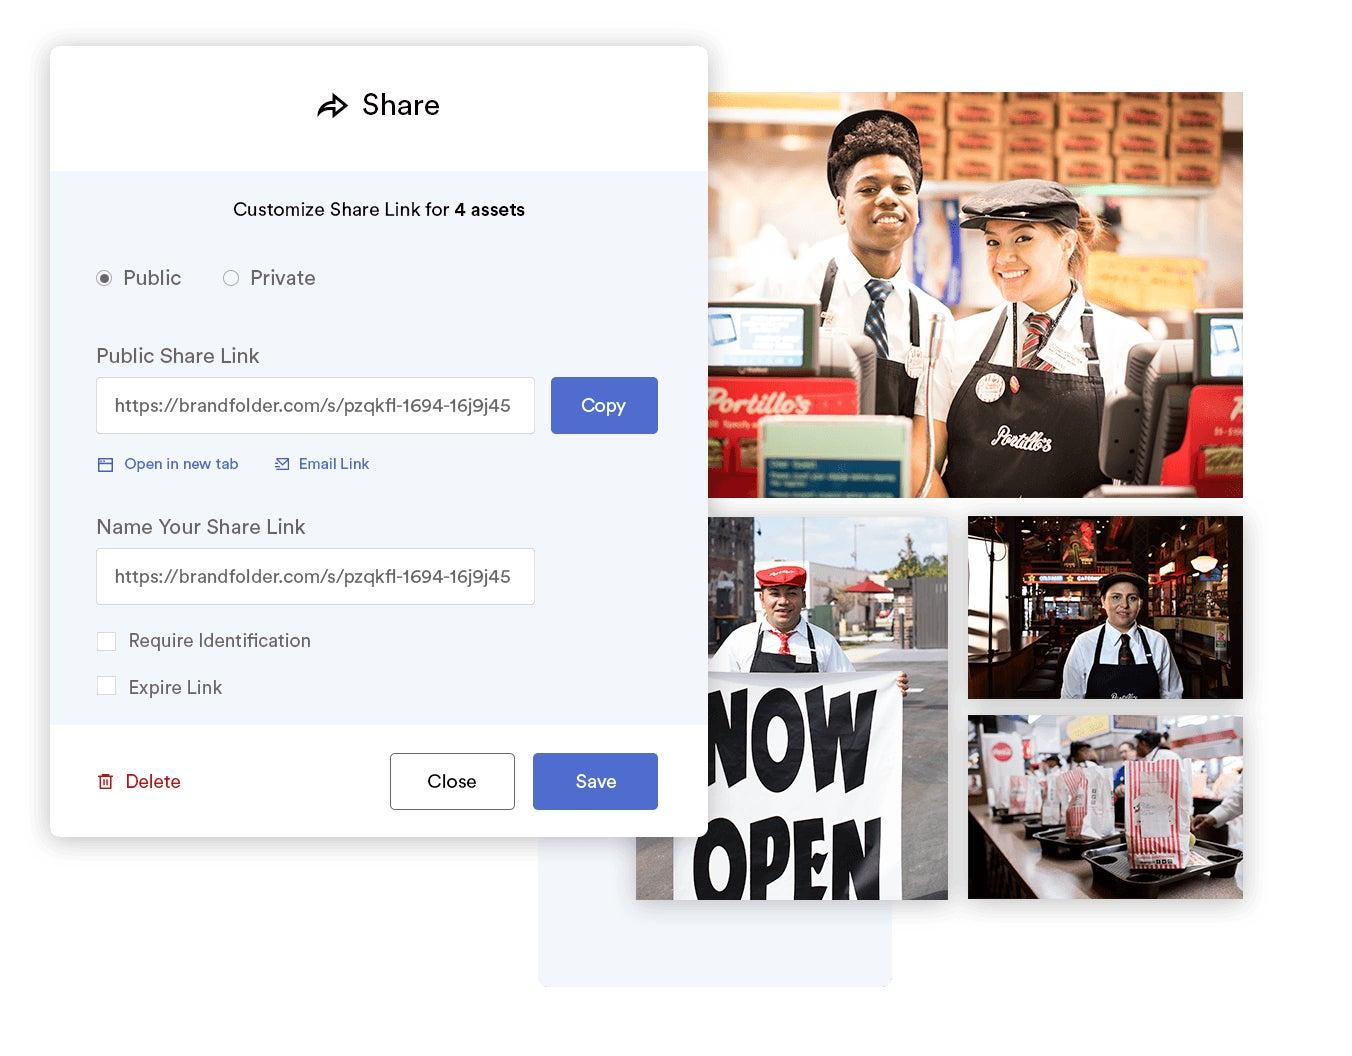 Share modal displaying share links